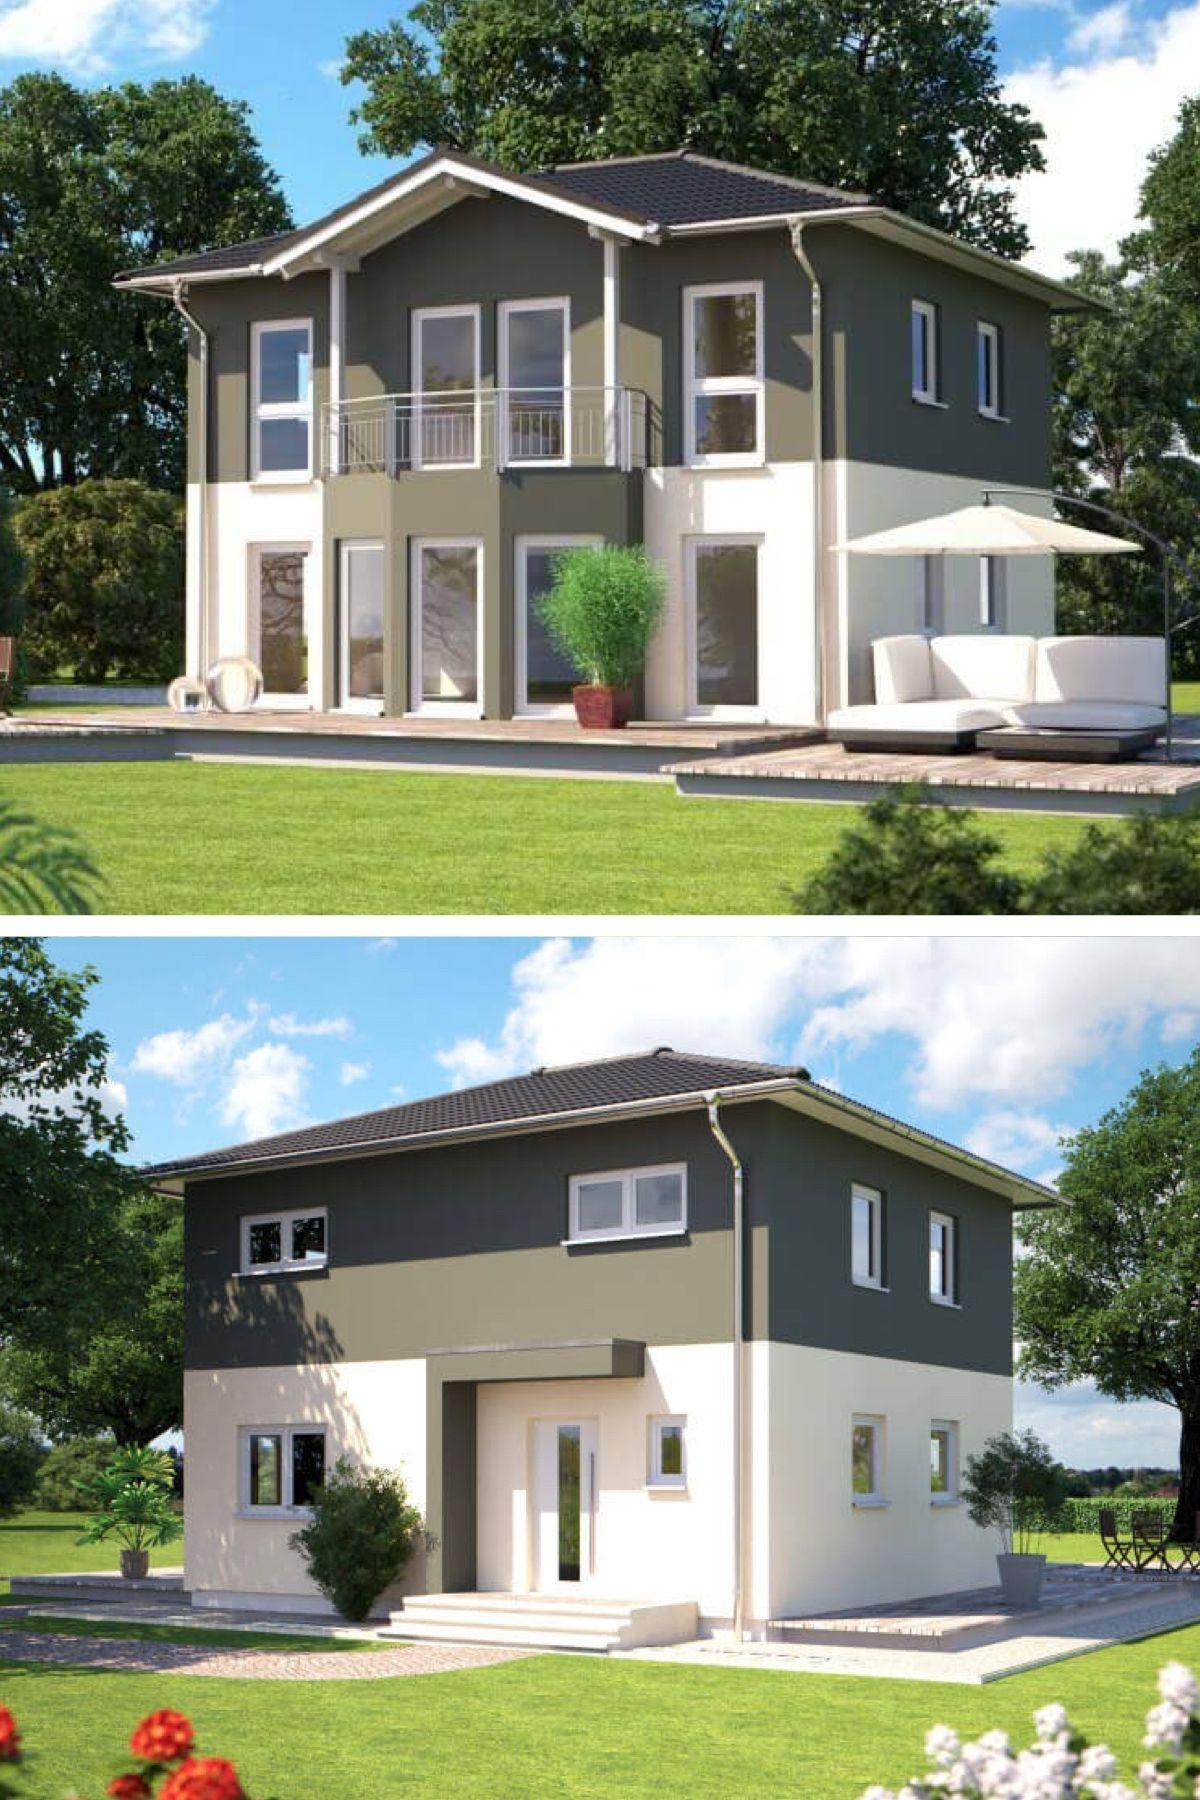 Stadtvilla modern mit Walmdach Architektur - Fertighaus Villa Design ...